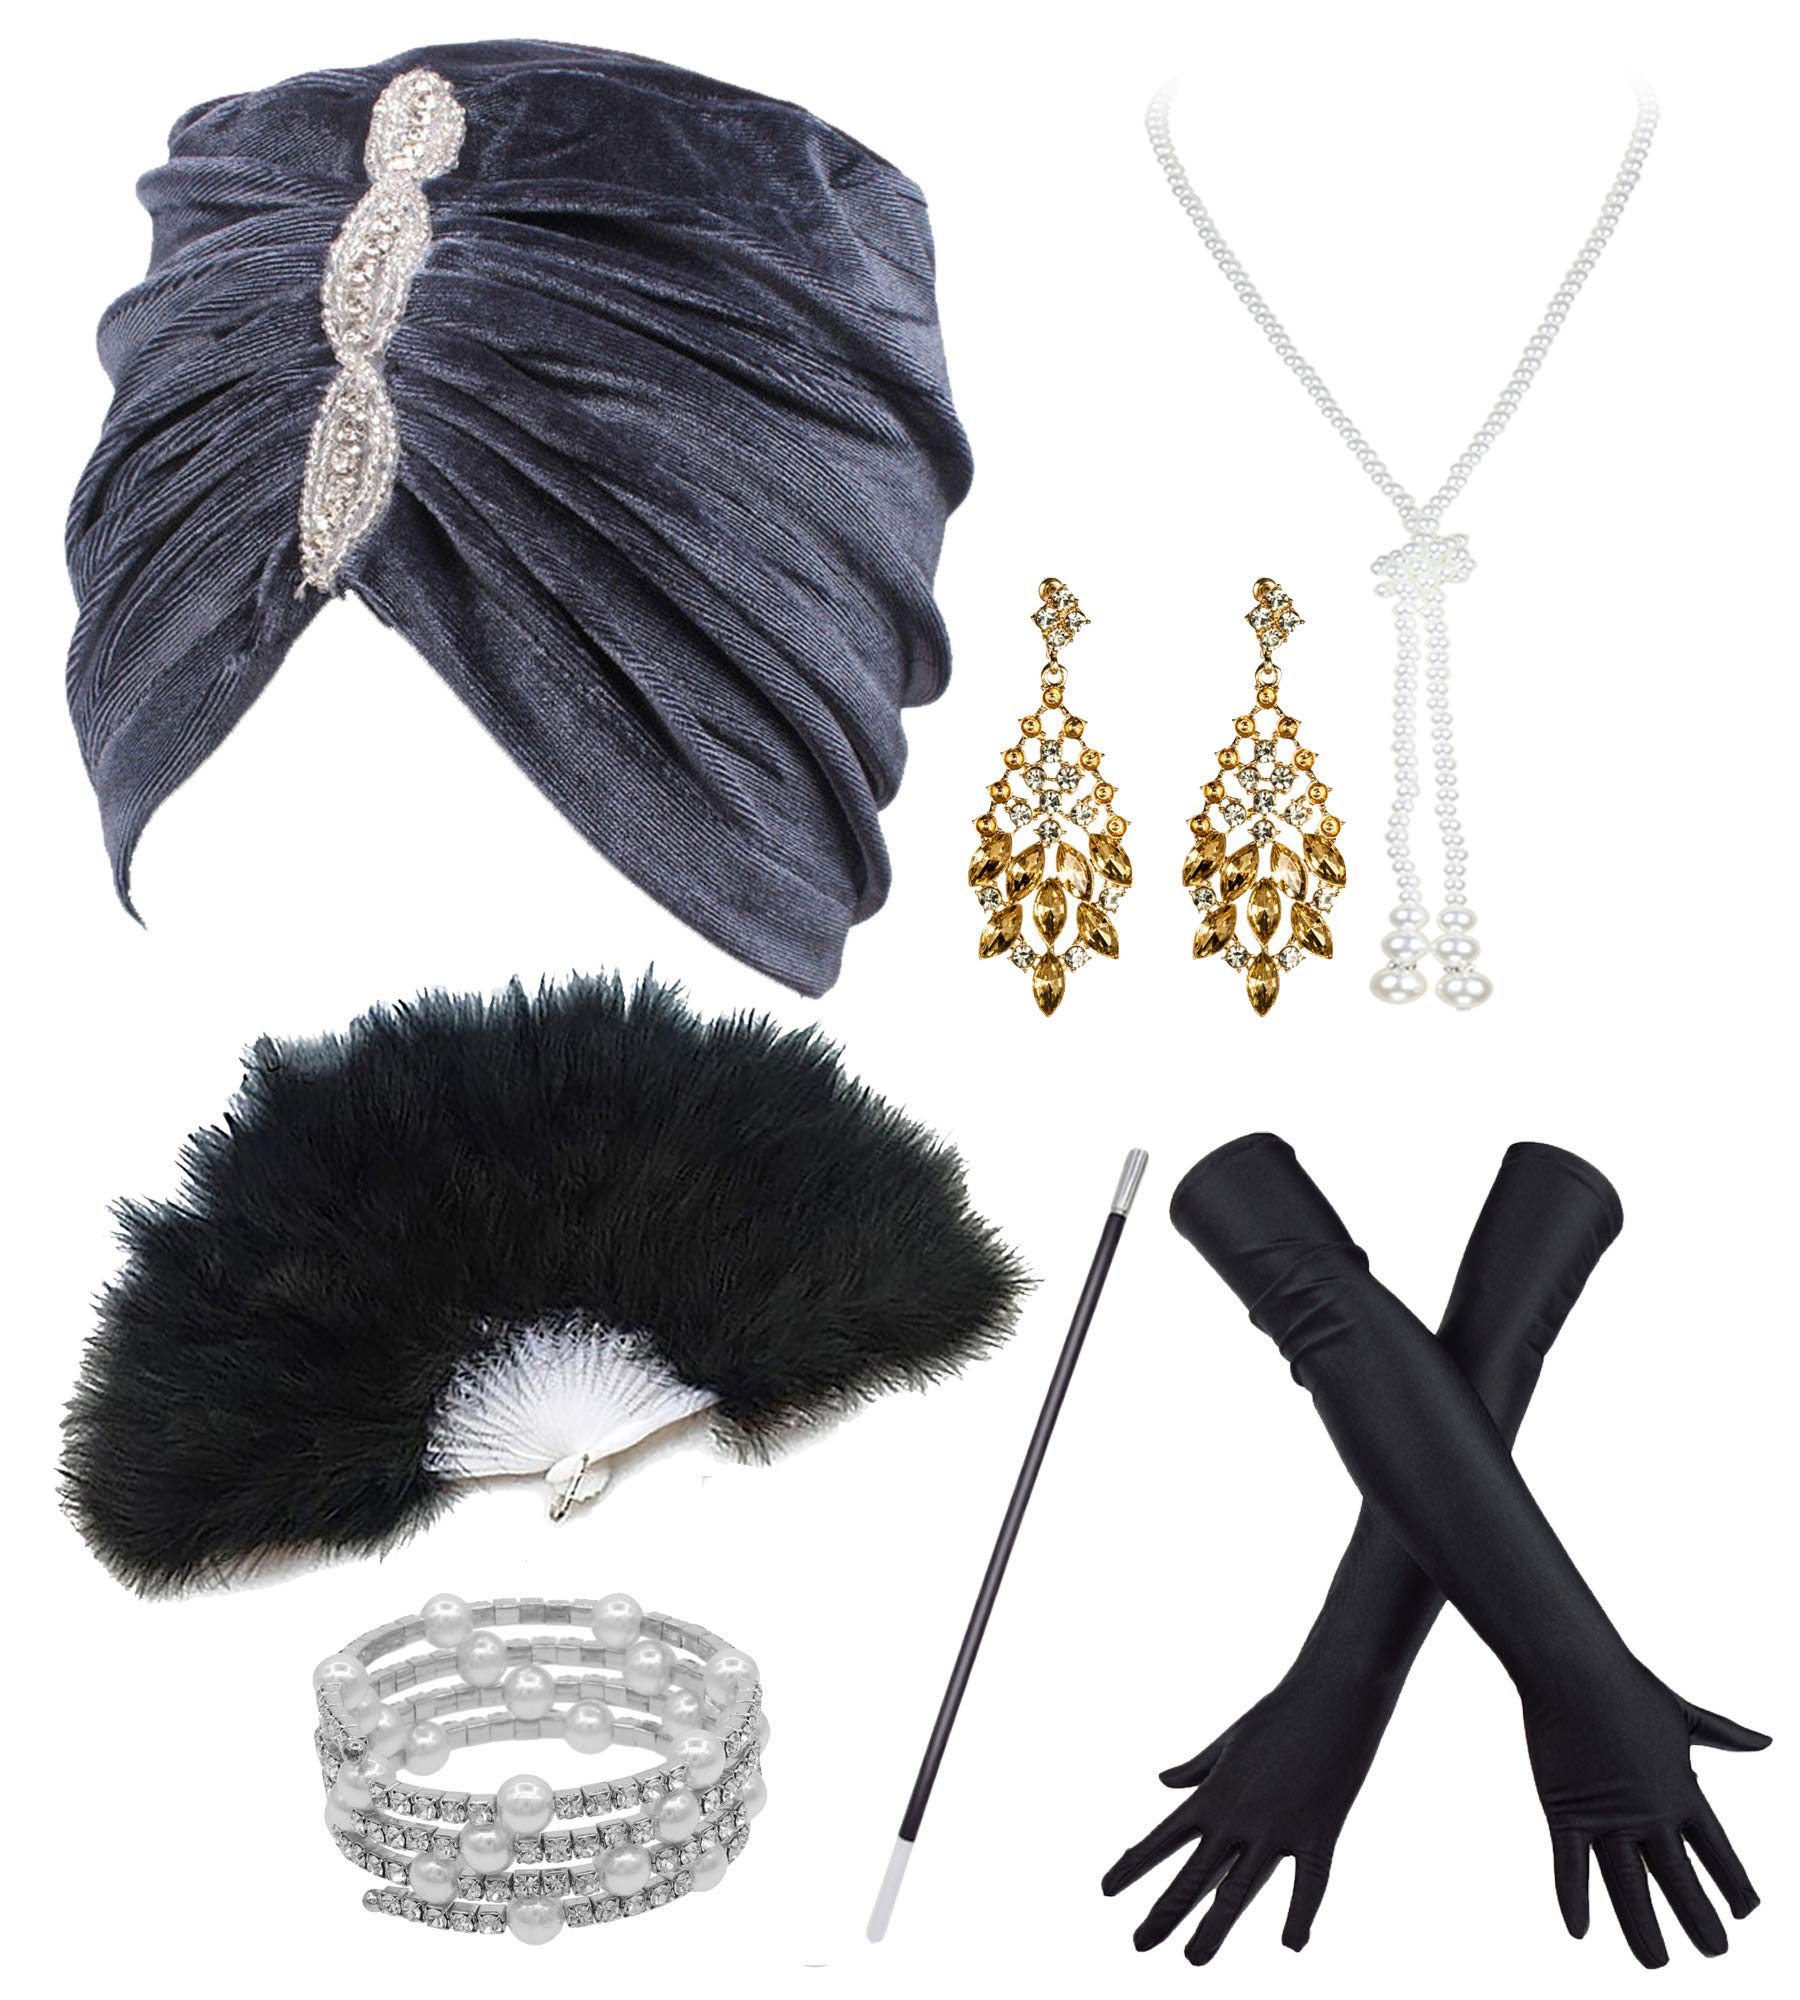 Vintage Lurex Knit Turban Beanie Hats w/ 20s Set for 1920s Cocktail Party (one Size, Grey) by POKERGODZ